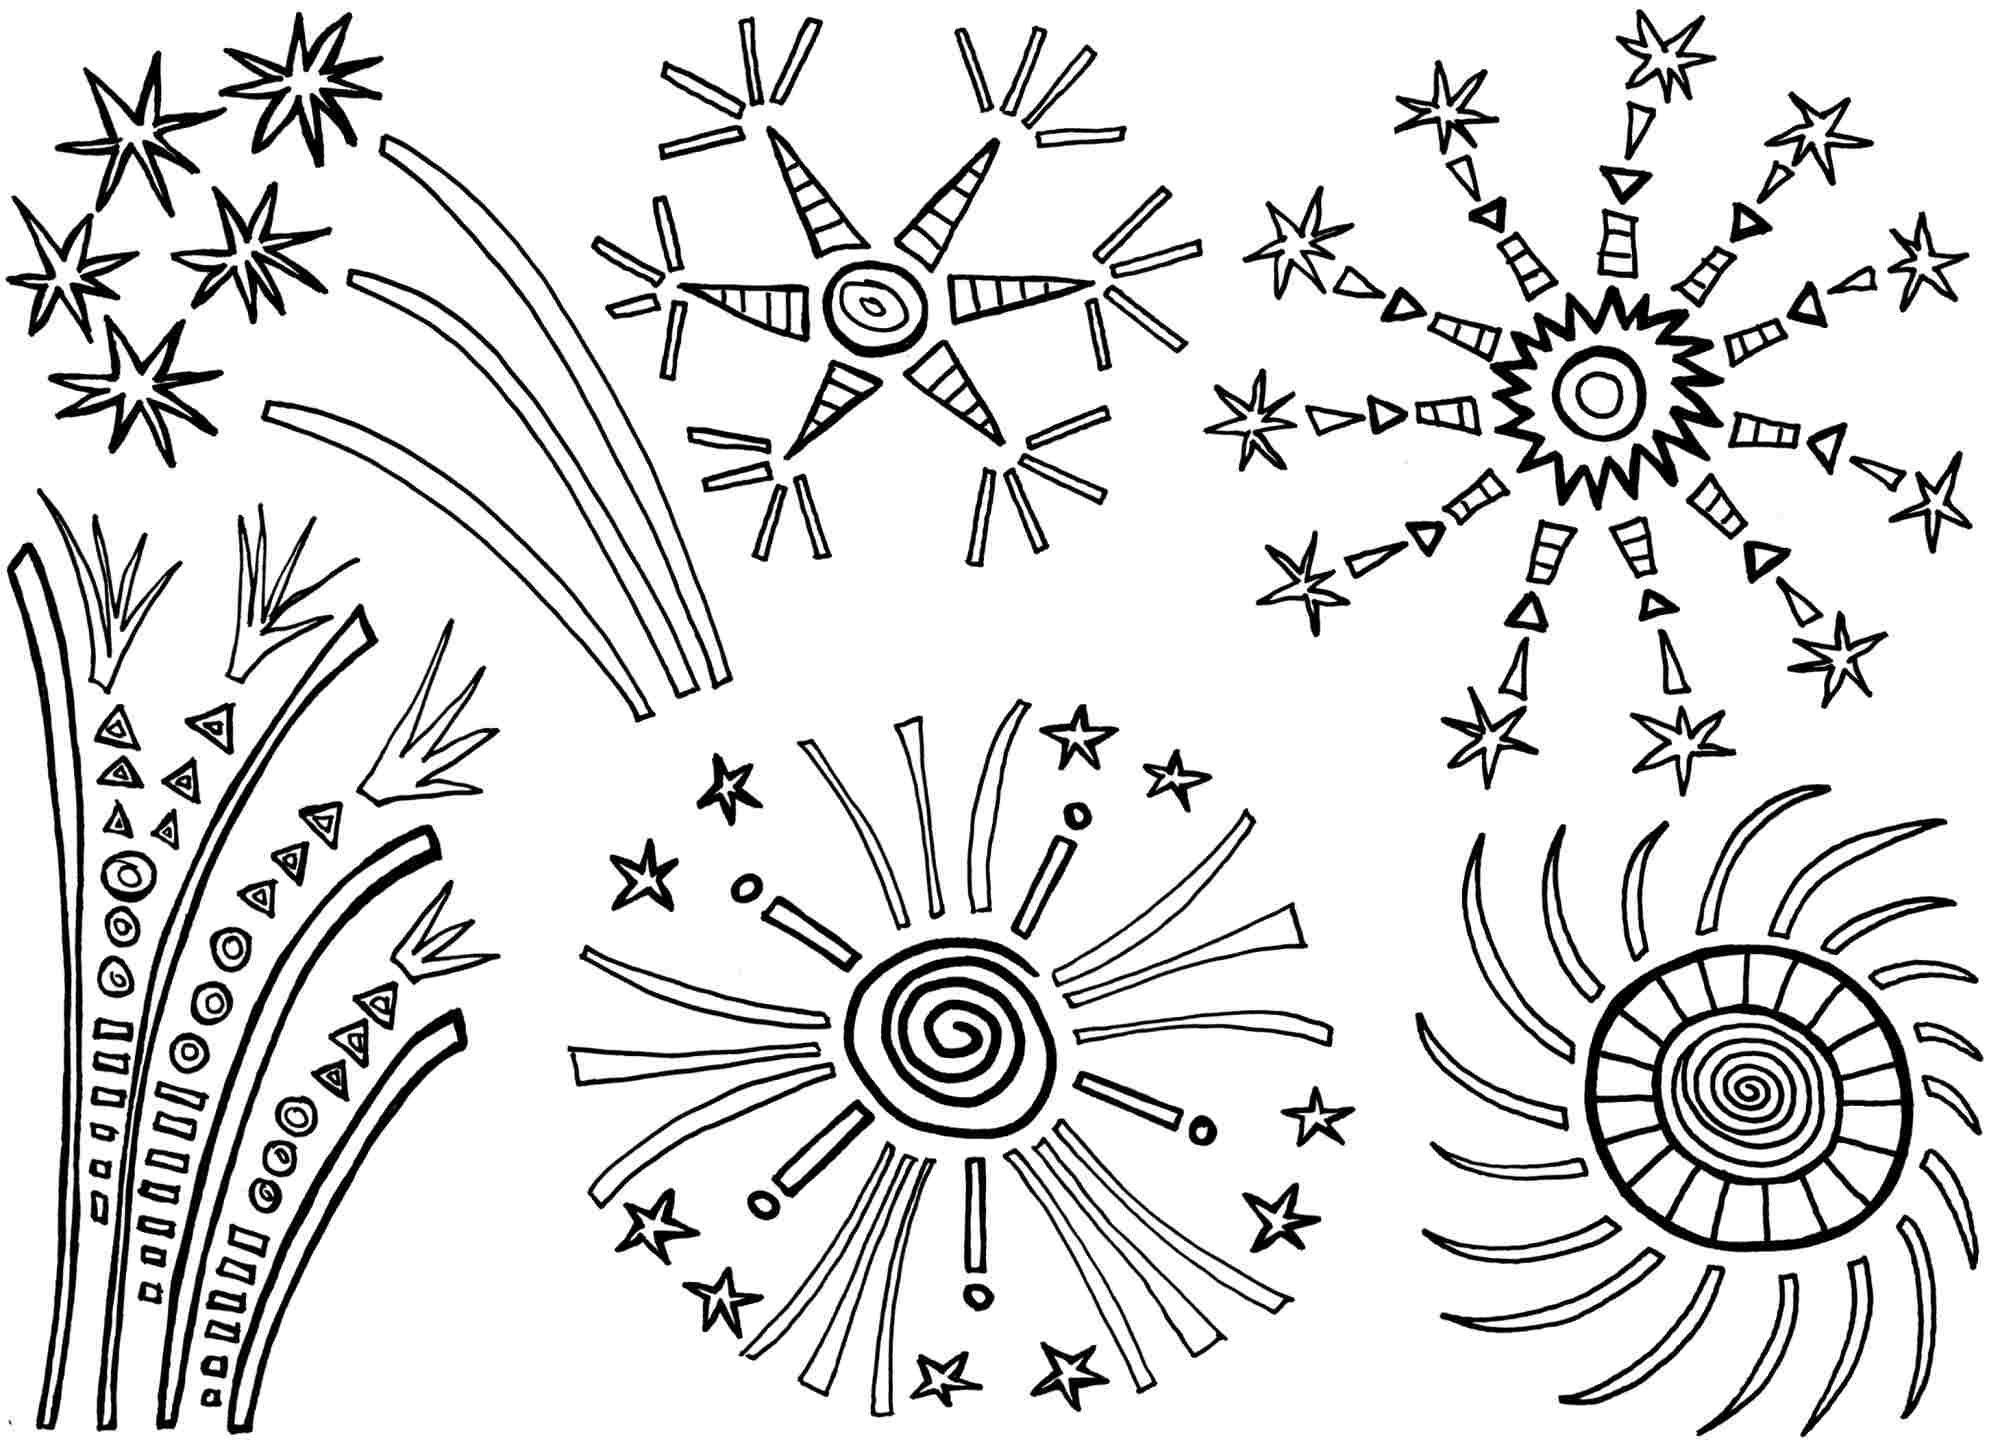 Kleurplaten Jaarwisseling Hobby Blogo Nl Nieuwjaarsknutsels Kleurboek Vuurwerk Knutselen